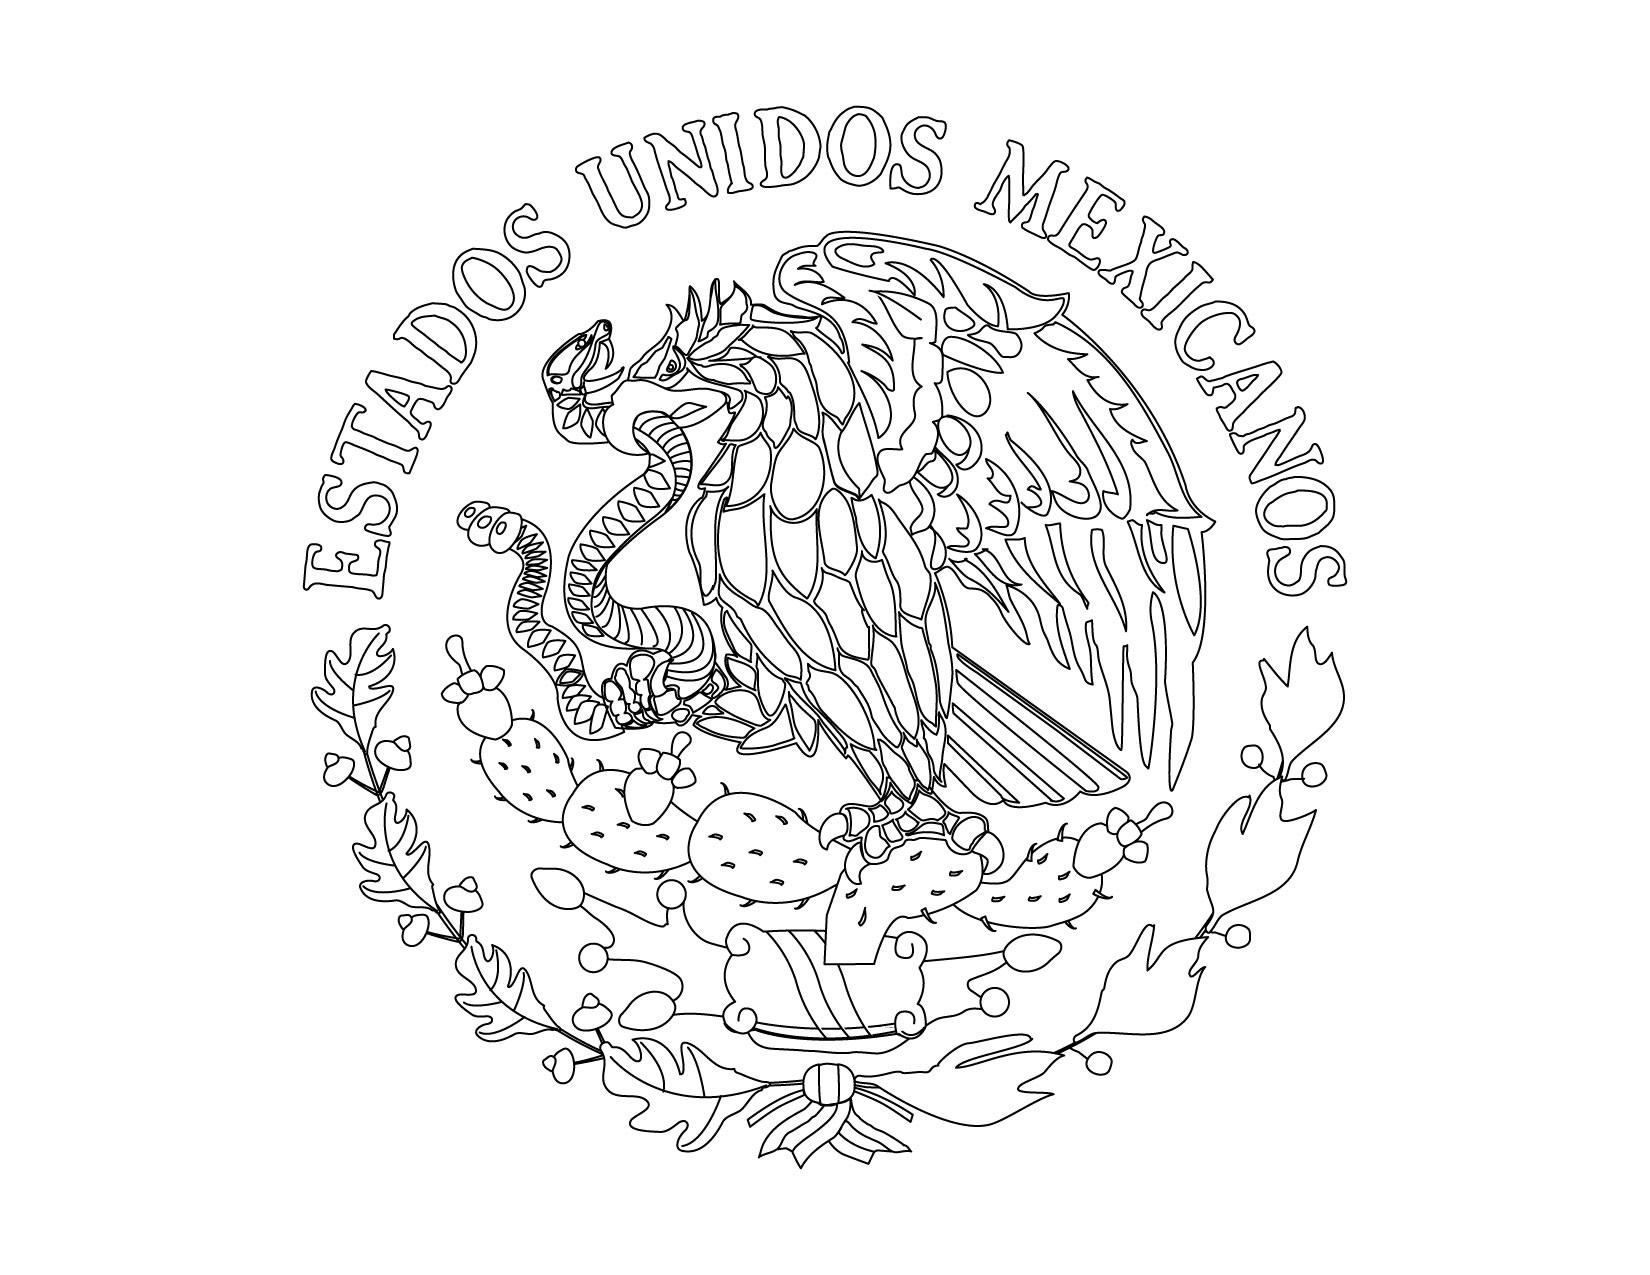 Escudo nacional mexicano para imprimir y colorear 01